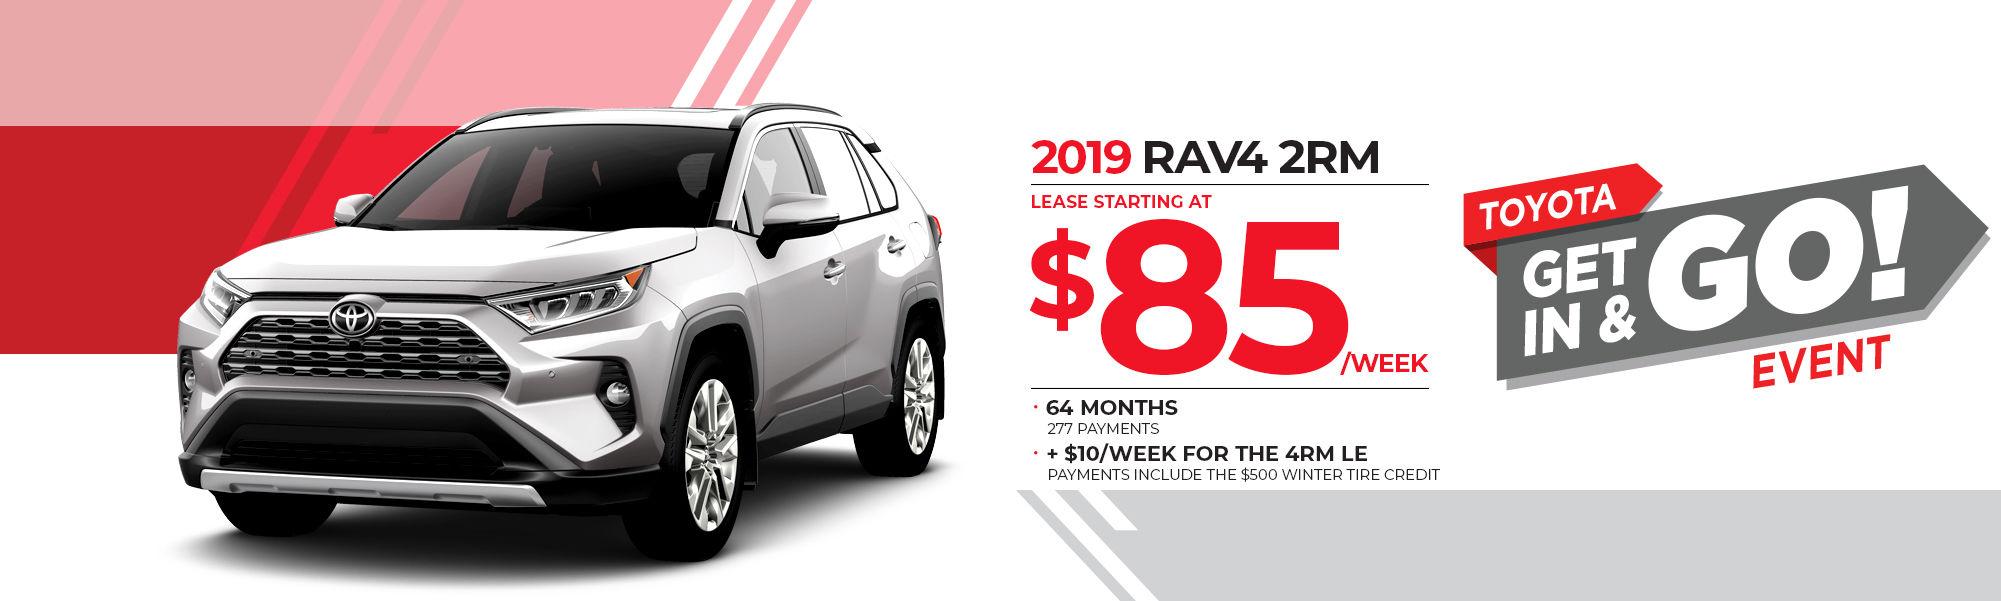 2019 RAV4 2RM